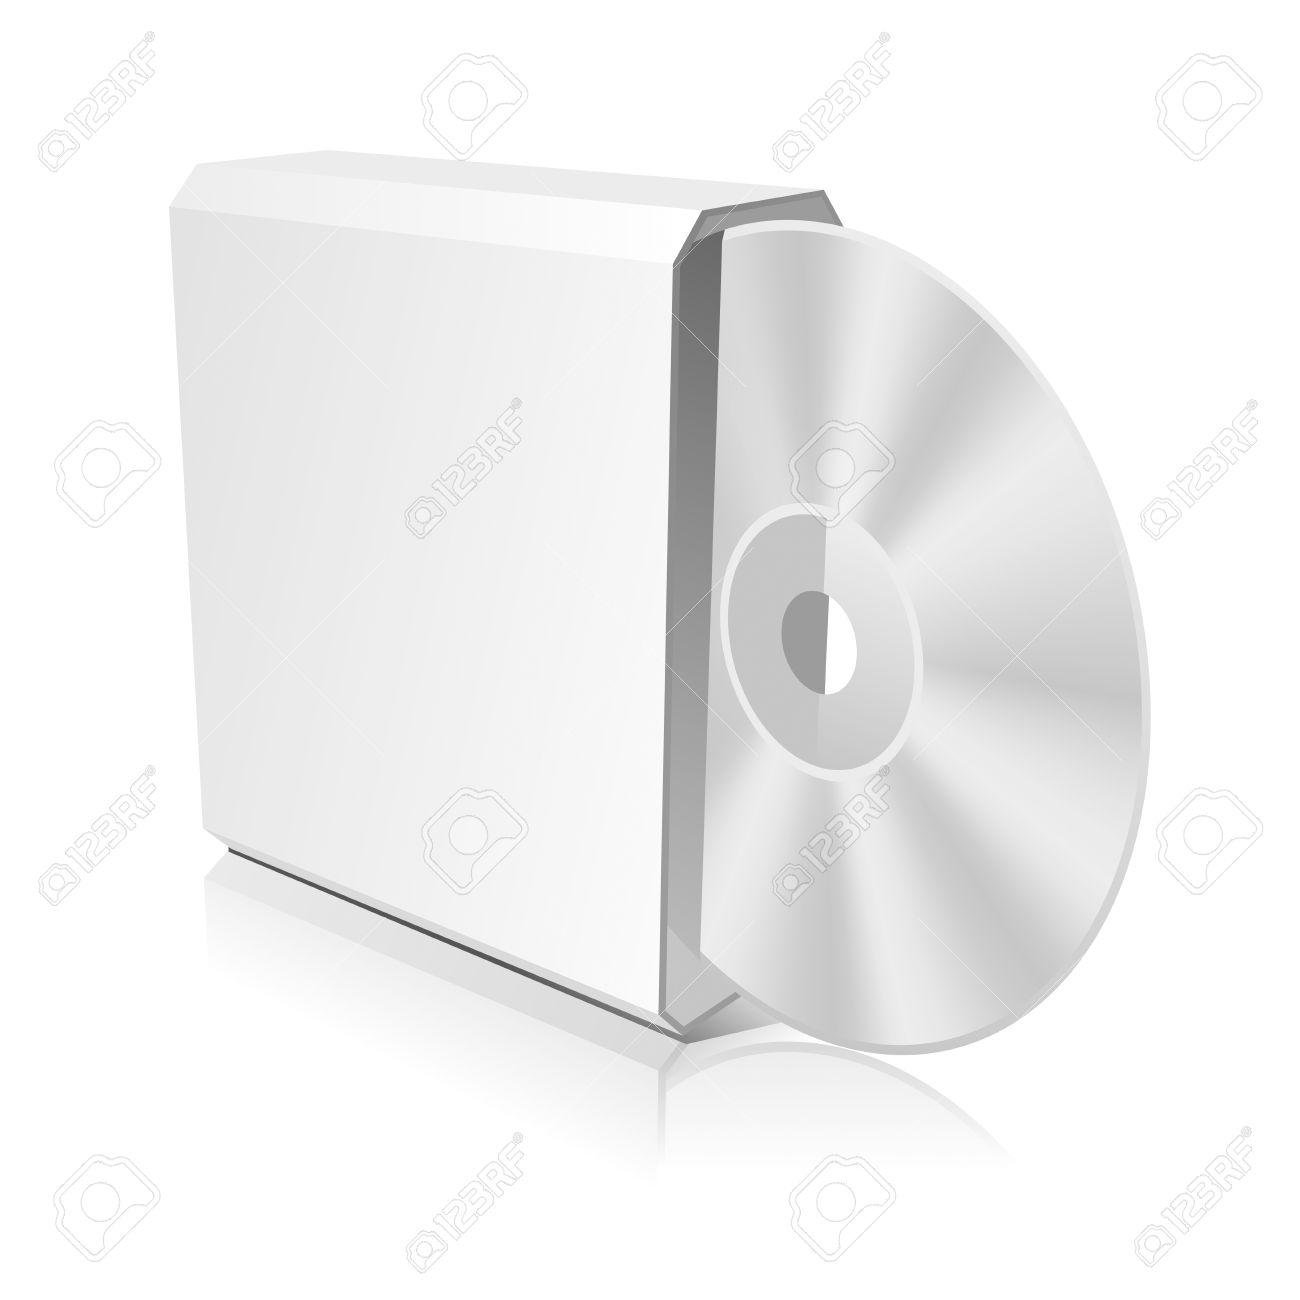 Software CD Cuadro Plantilla En Blanco. Ilustración Vectorial (EPS ...